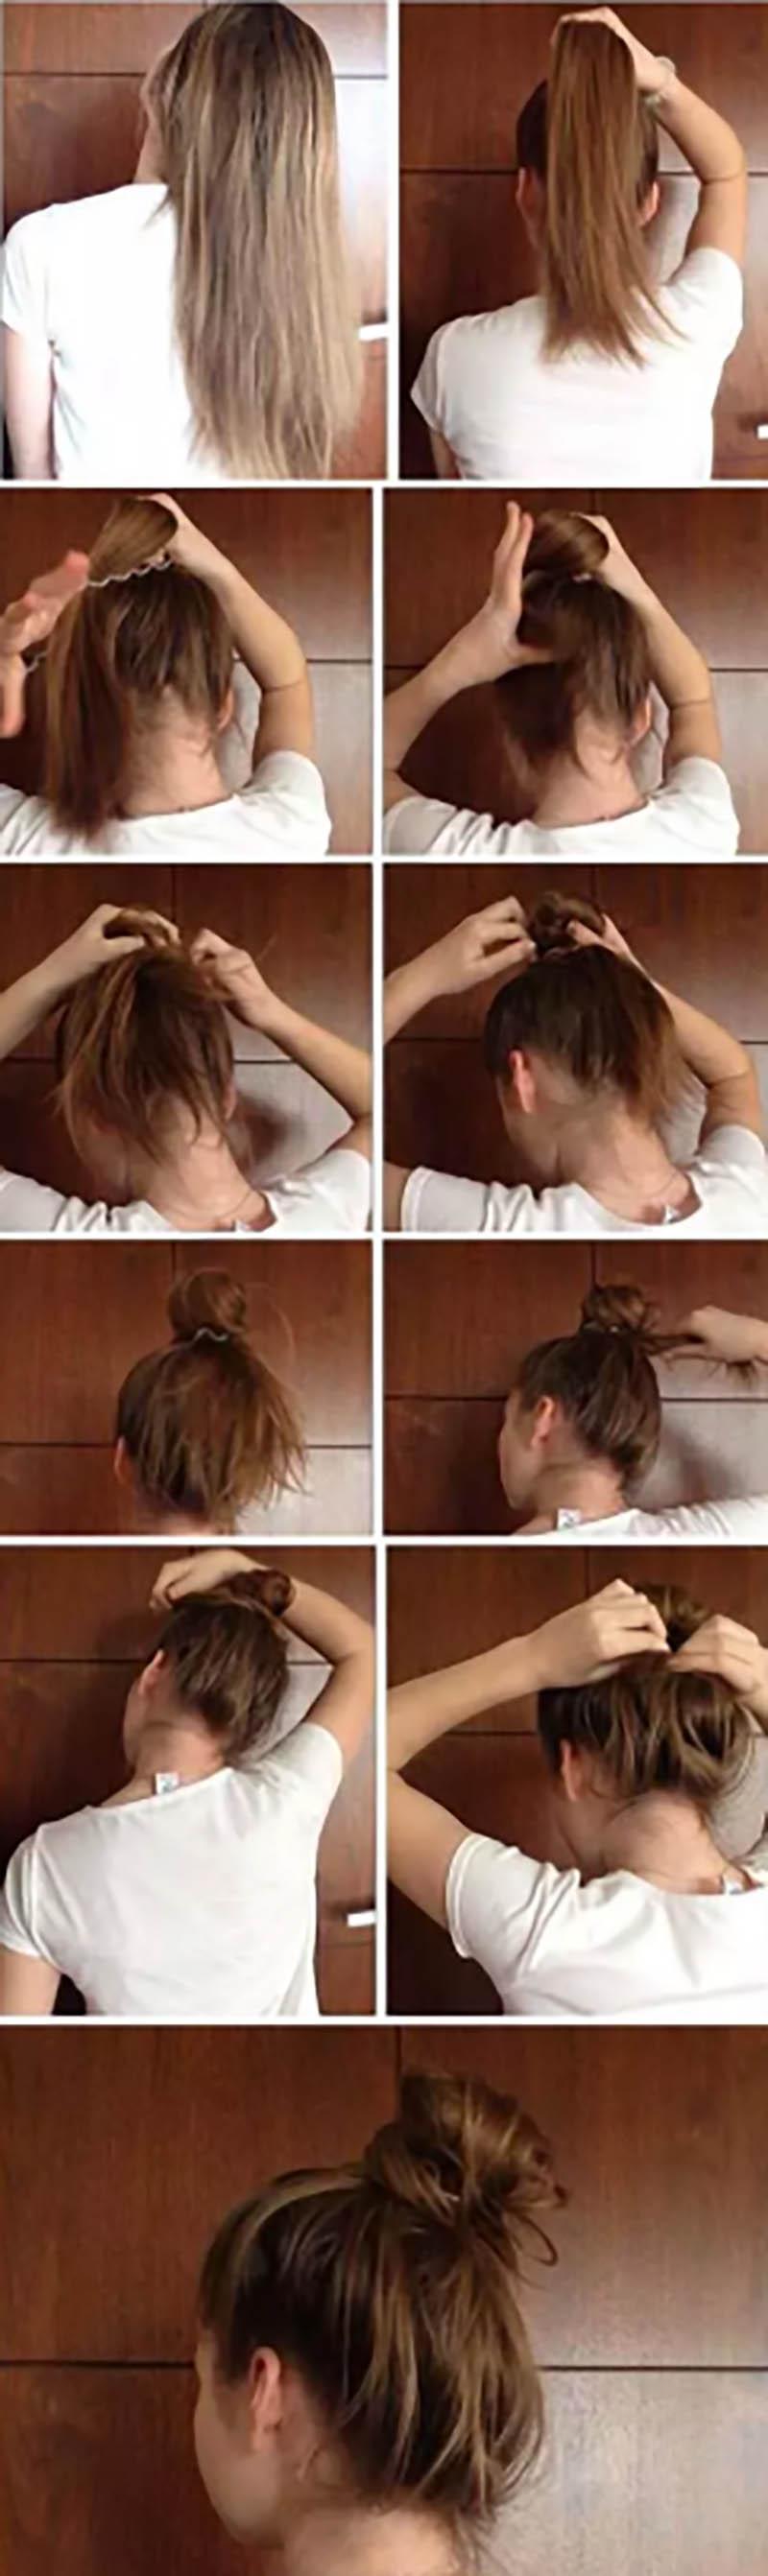 Kiểu tóc Messy Bun Updo